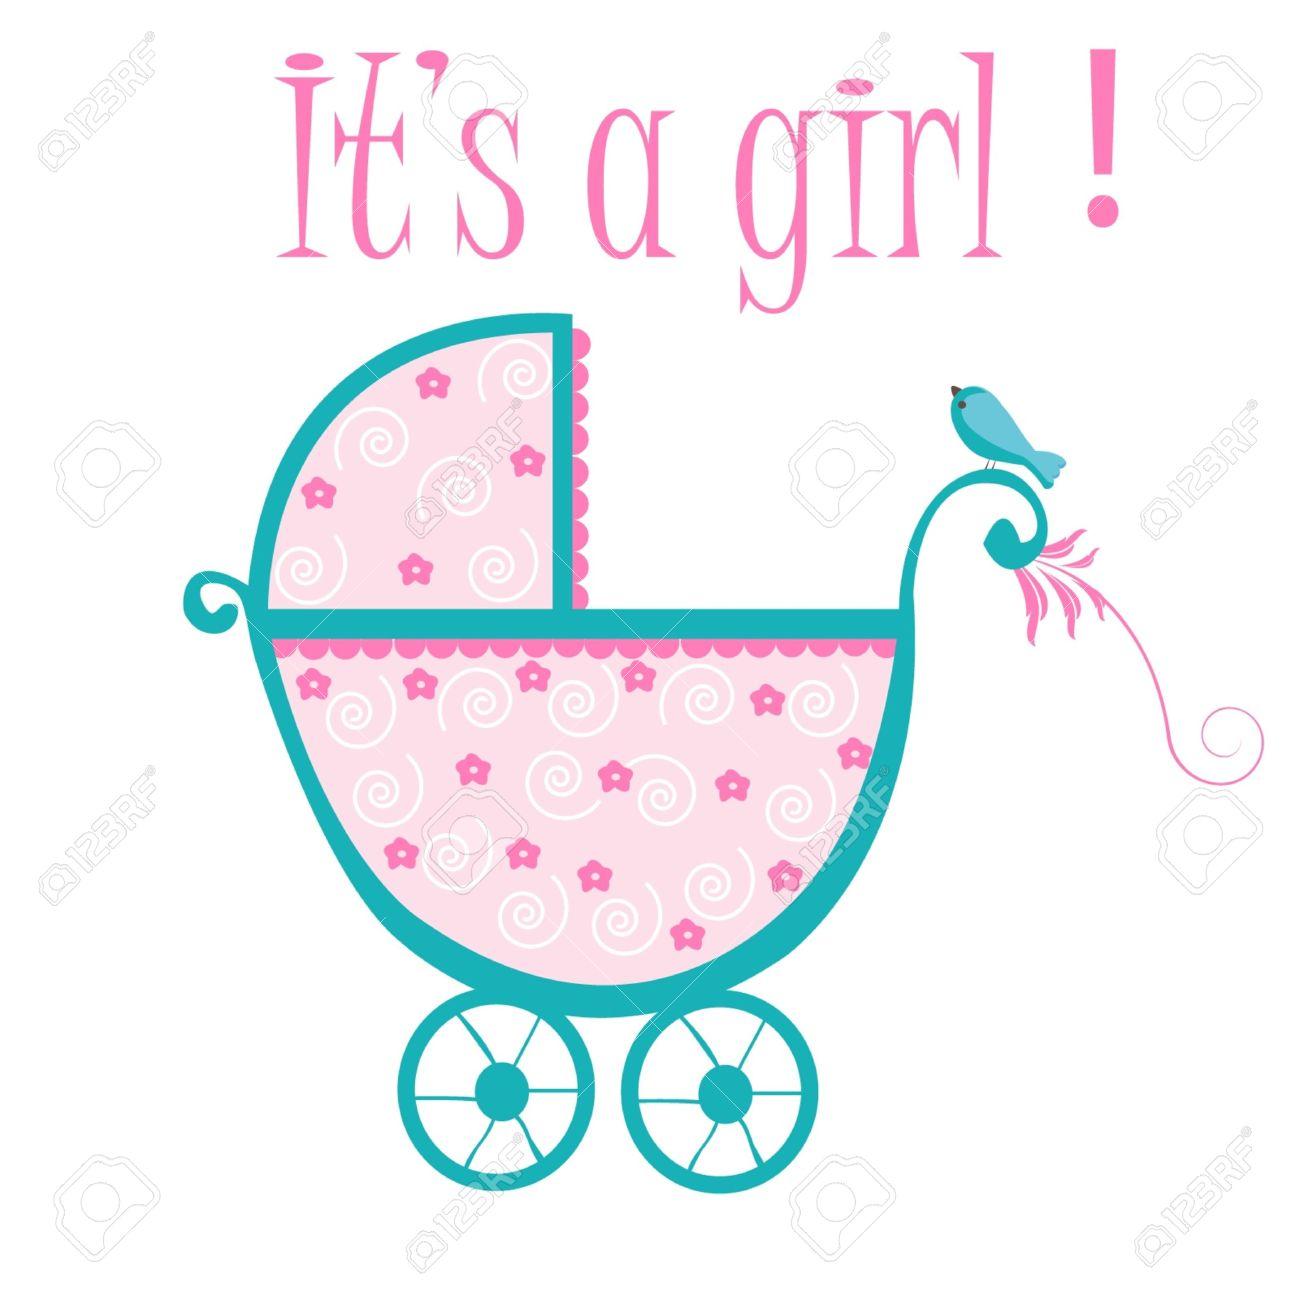 Presepe Baby Card Di Dare Il Benvenuto Alla Bimba Di Nuovo Clipart.